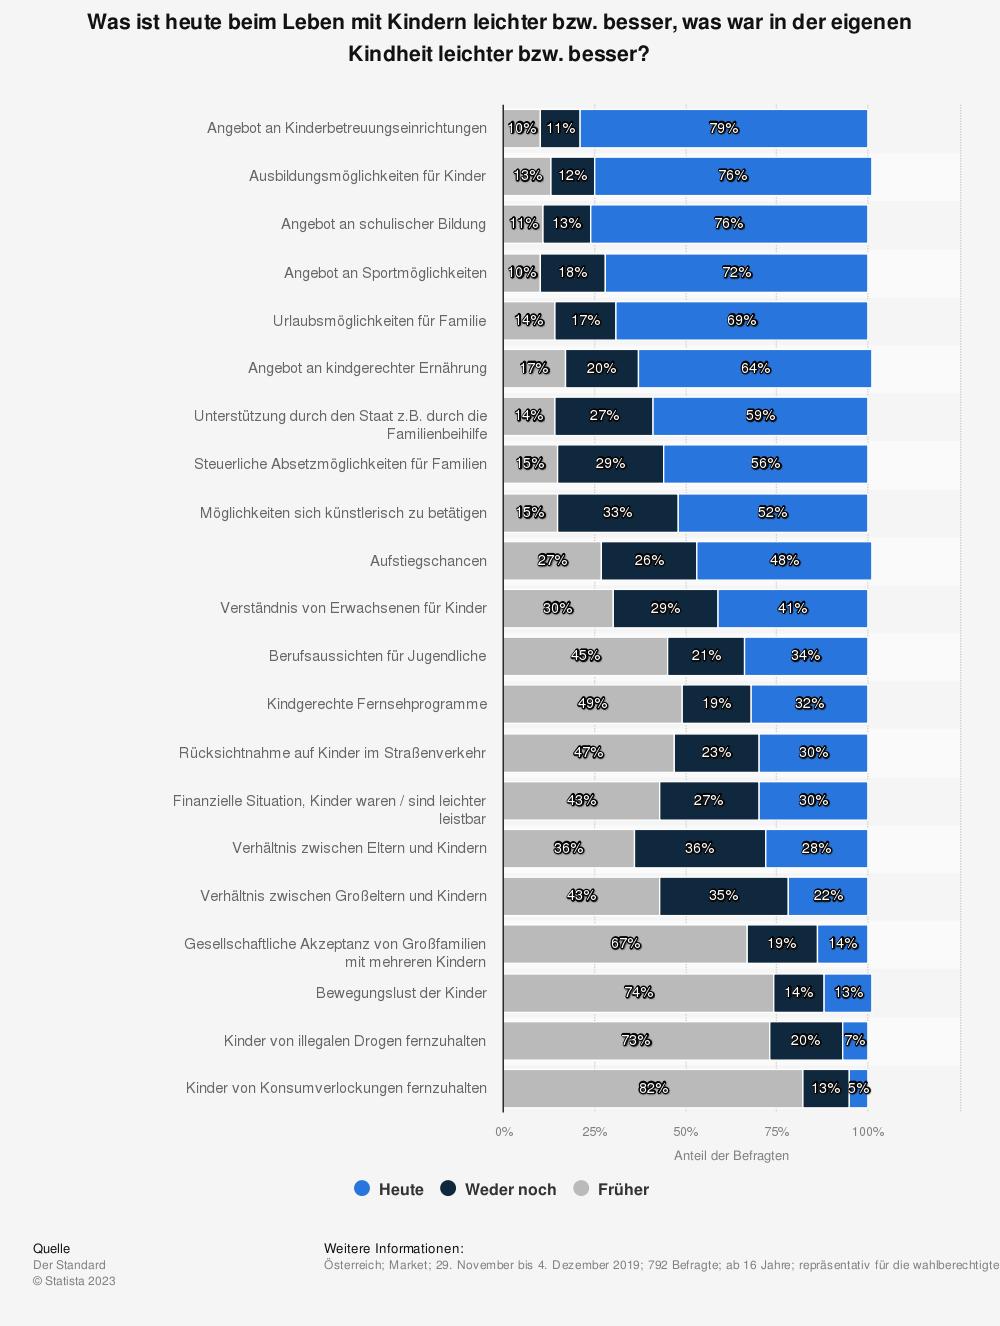 Statistik: Was ist heute beim Leben mit Kindern leichter bzw. besser, was war in der eigenen Kindheit leichter bzw. besser? | Statista